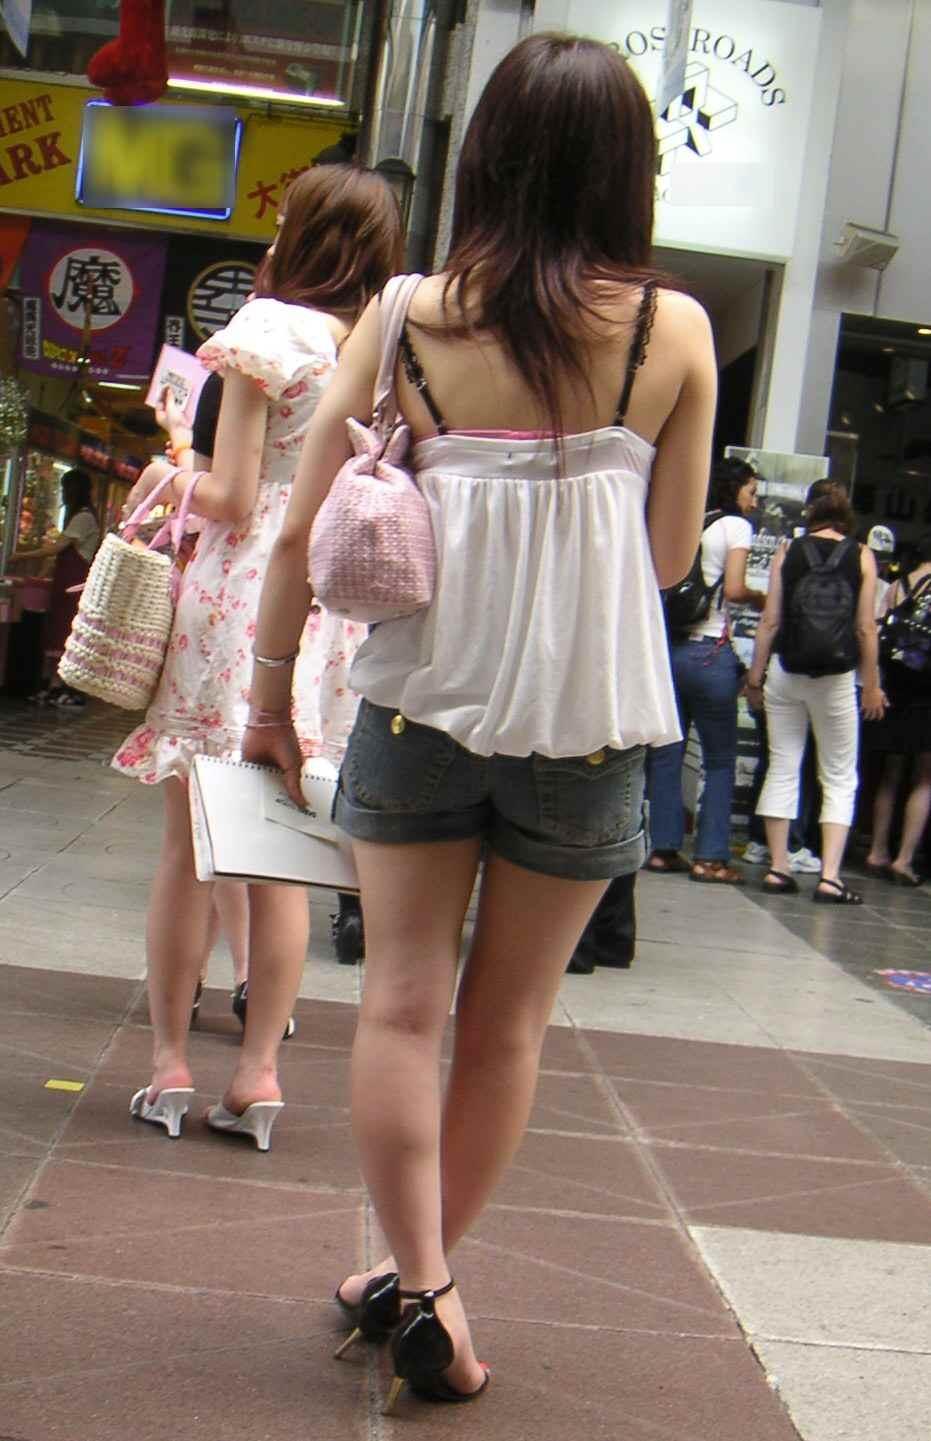 【ショーパンエロ画像】眩過ぎる生ハミ尻…ショーパンがとても似合う街の美脚www 29